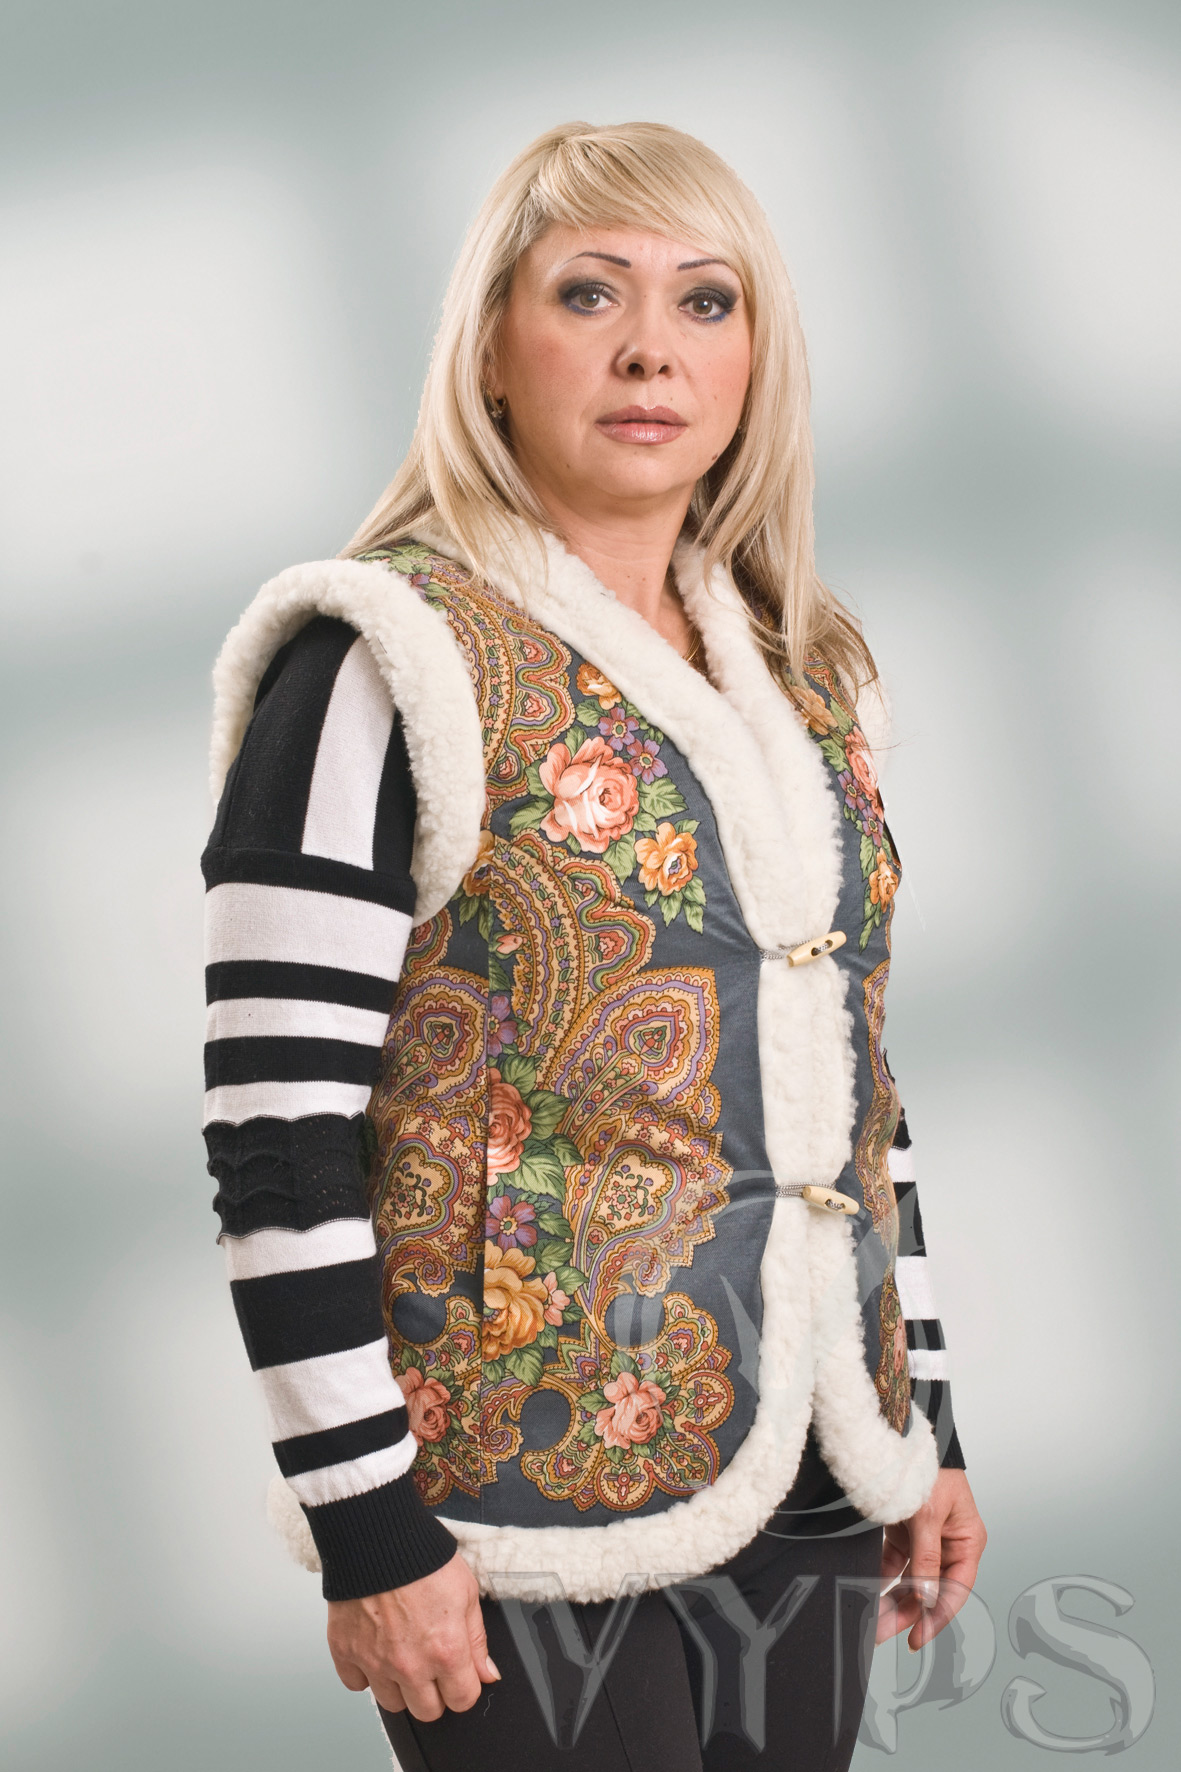 Сбор заказов. Утепляемся, жилеты и куртки из овчины - для женщин и мужчин. Цены от 600 руб - детские модели, взрослые от 1000 руб. Без рядов.